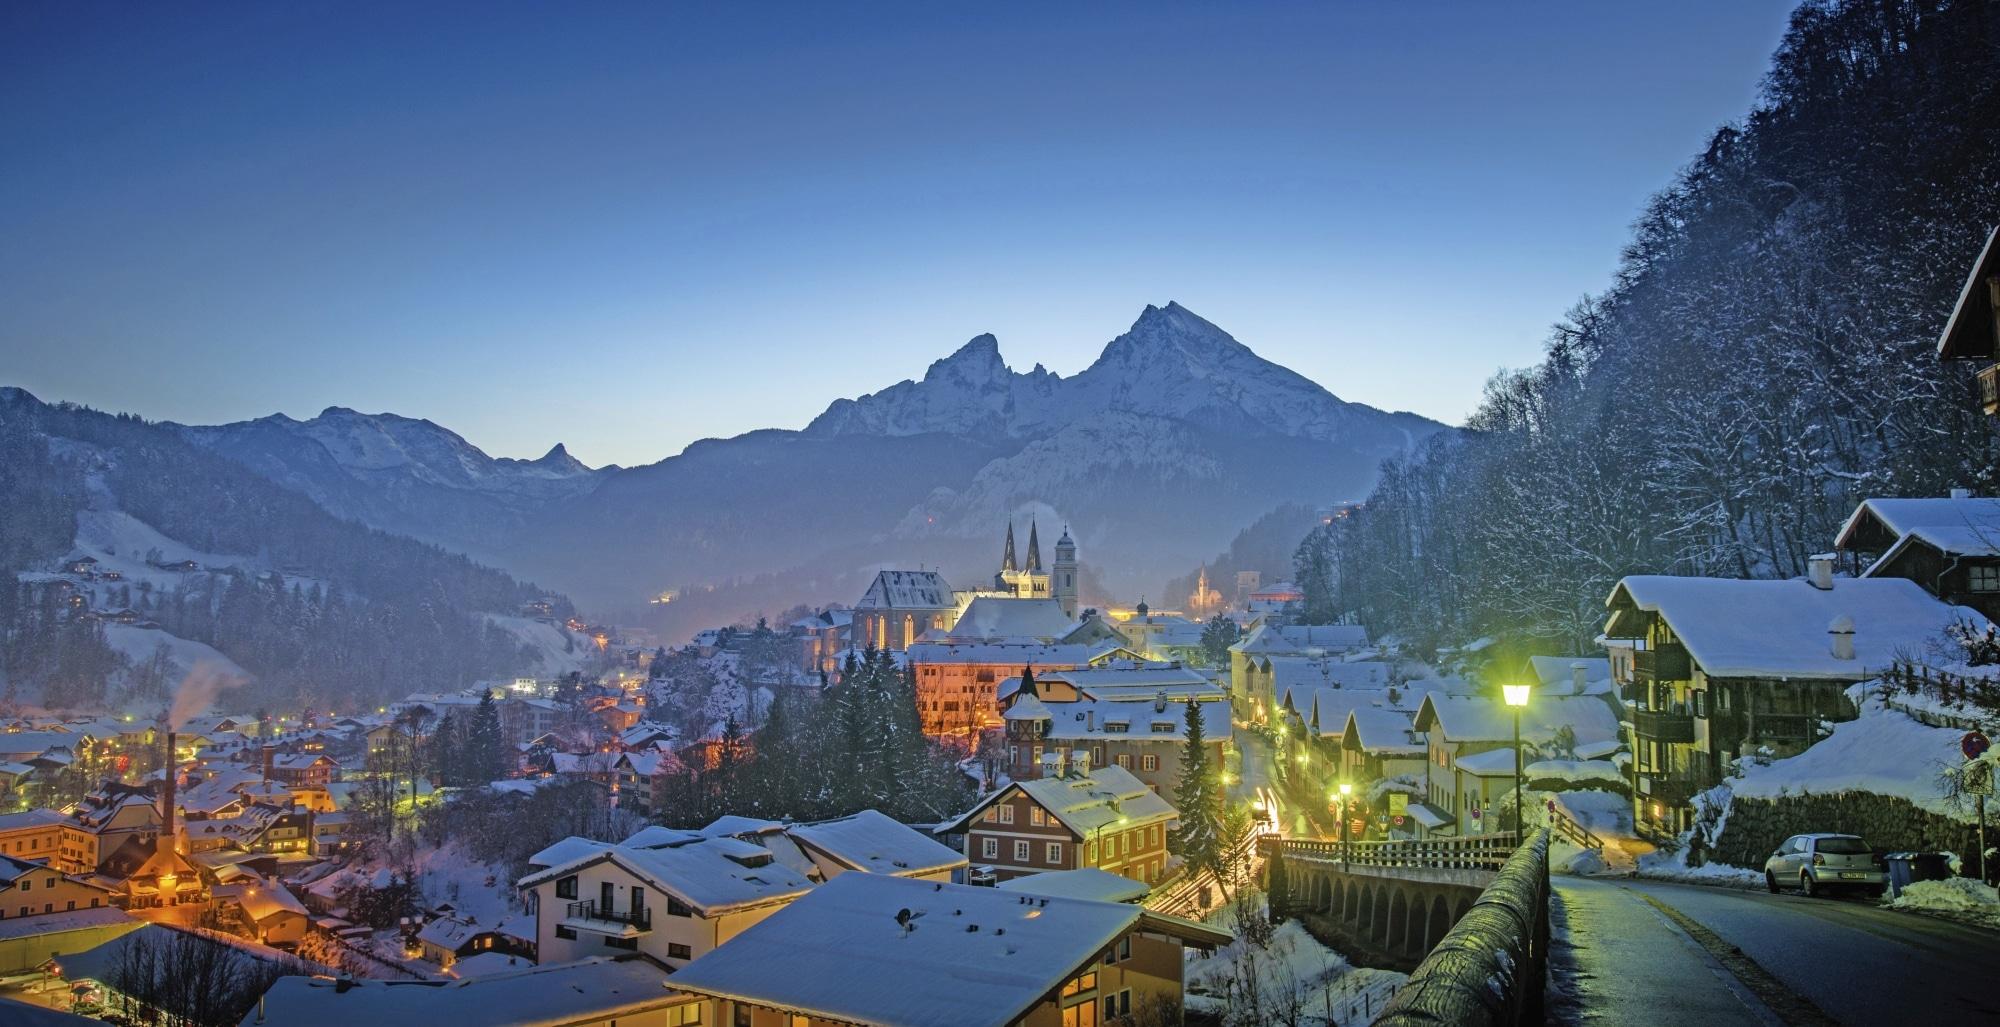 Berchtesgaden Altstadt im Winter (c) Adobe Stock